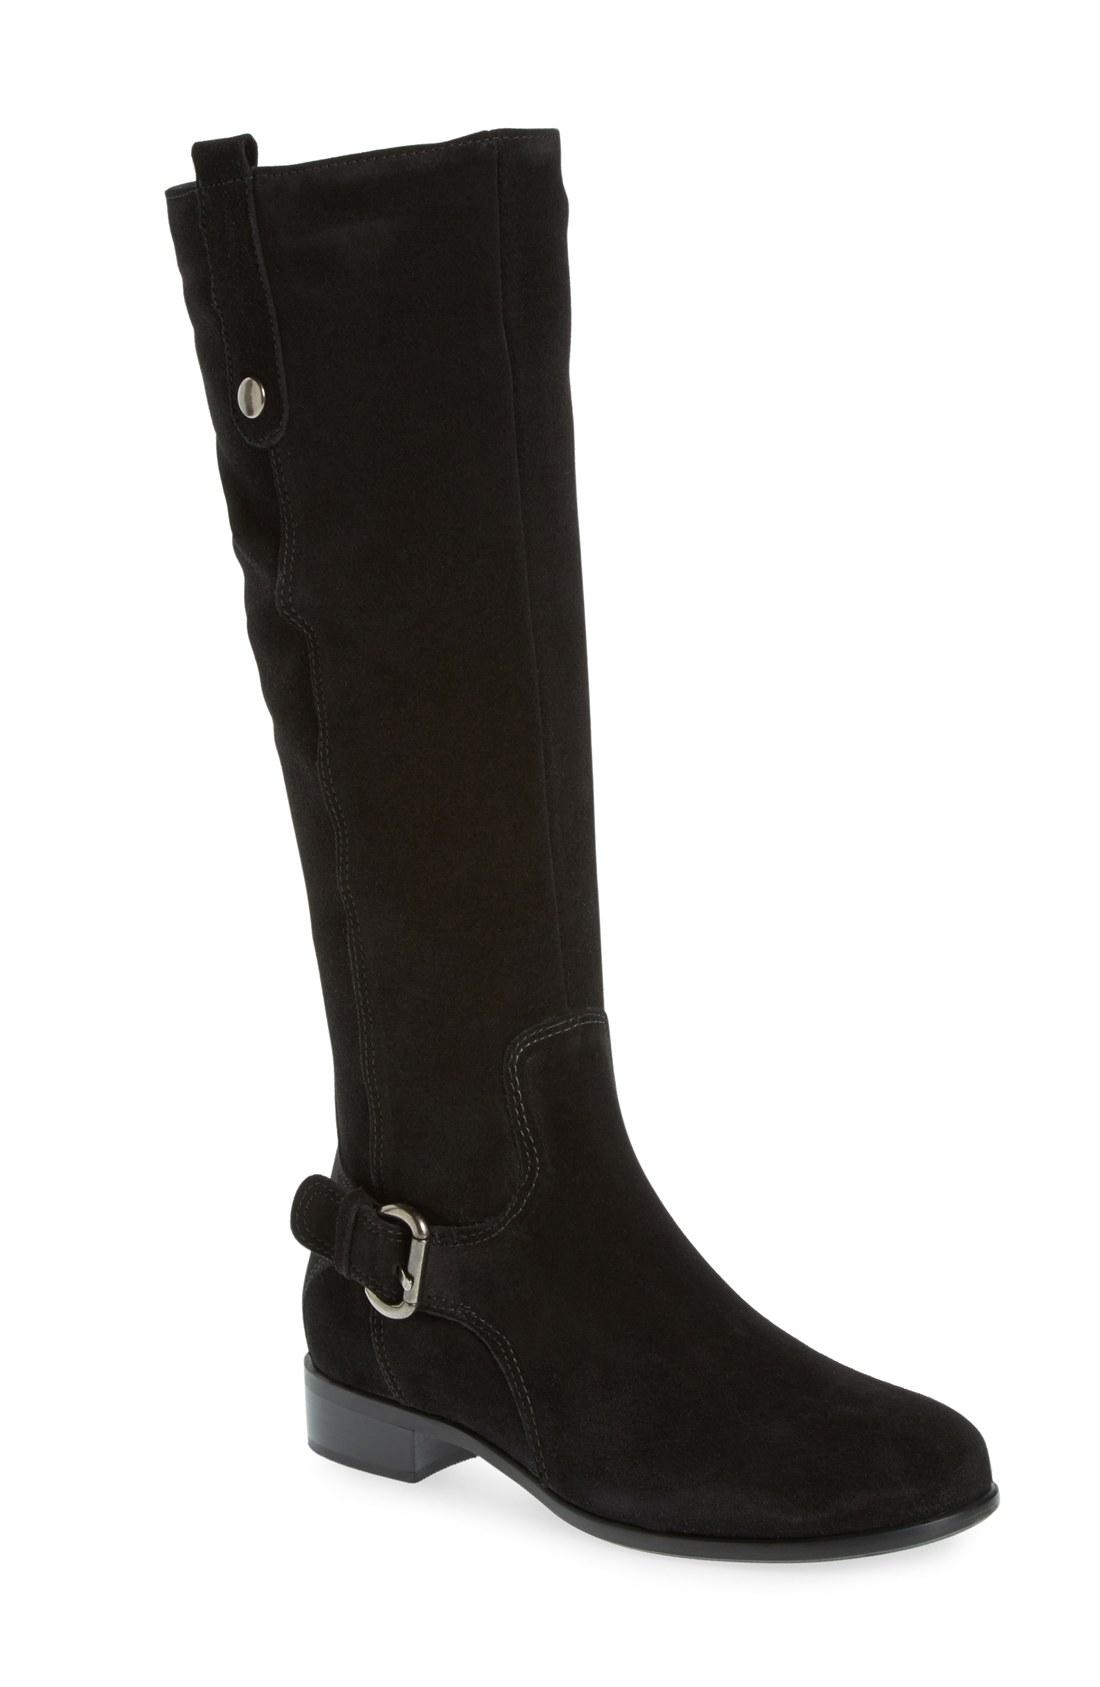 la canadienne boots la canadienne u0027stefanieu0027 waterproof boot (women) | nordstrom BLVMWGL